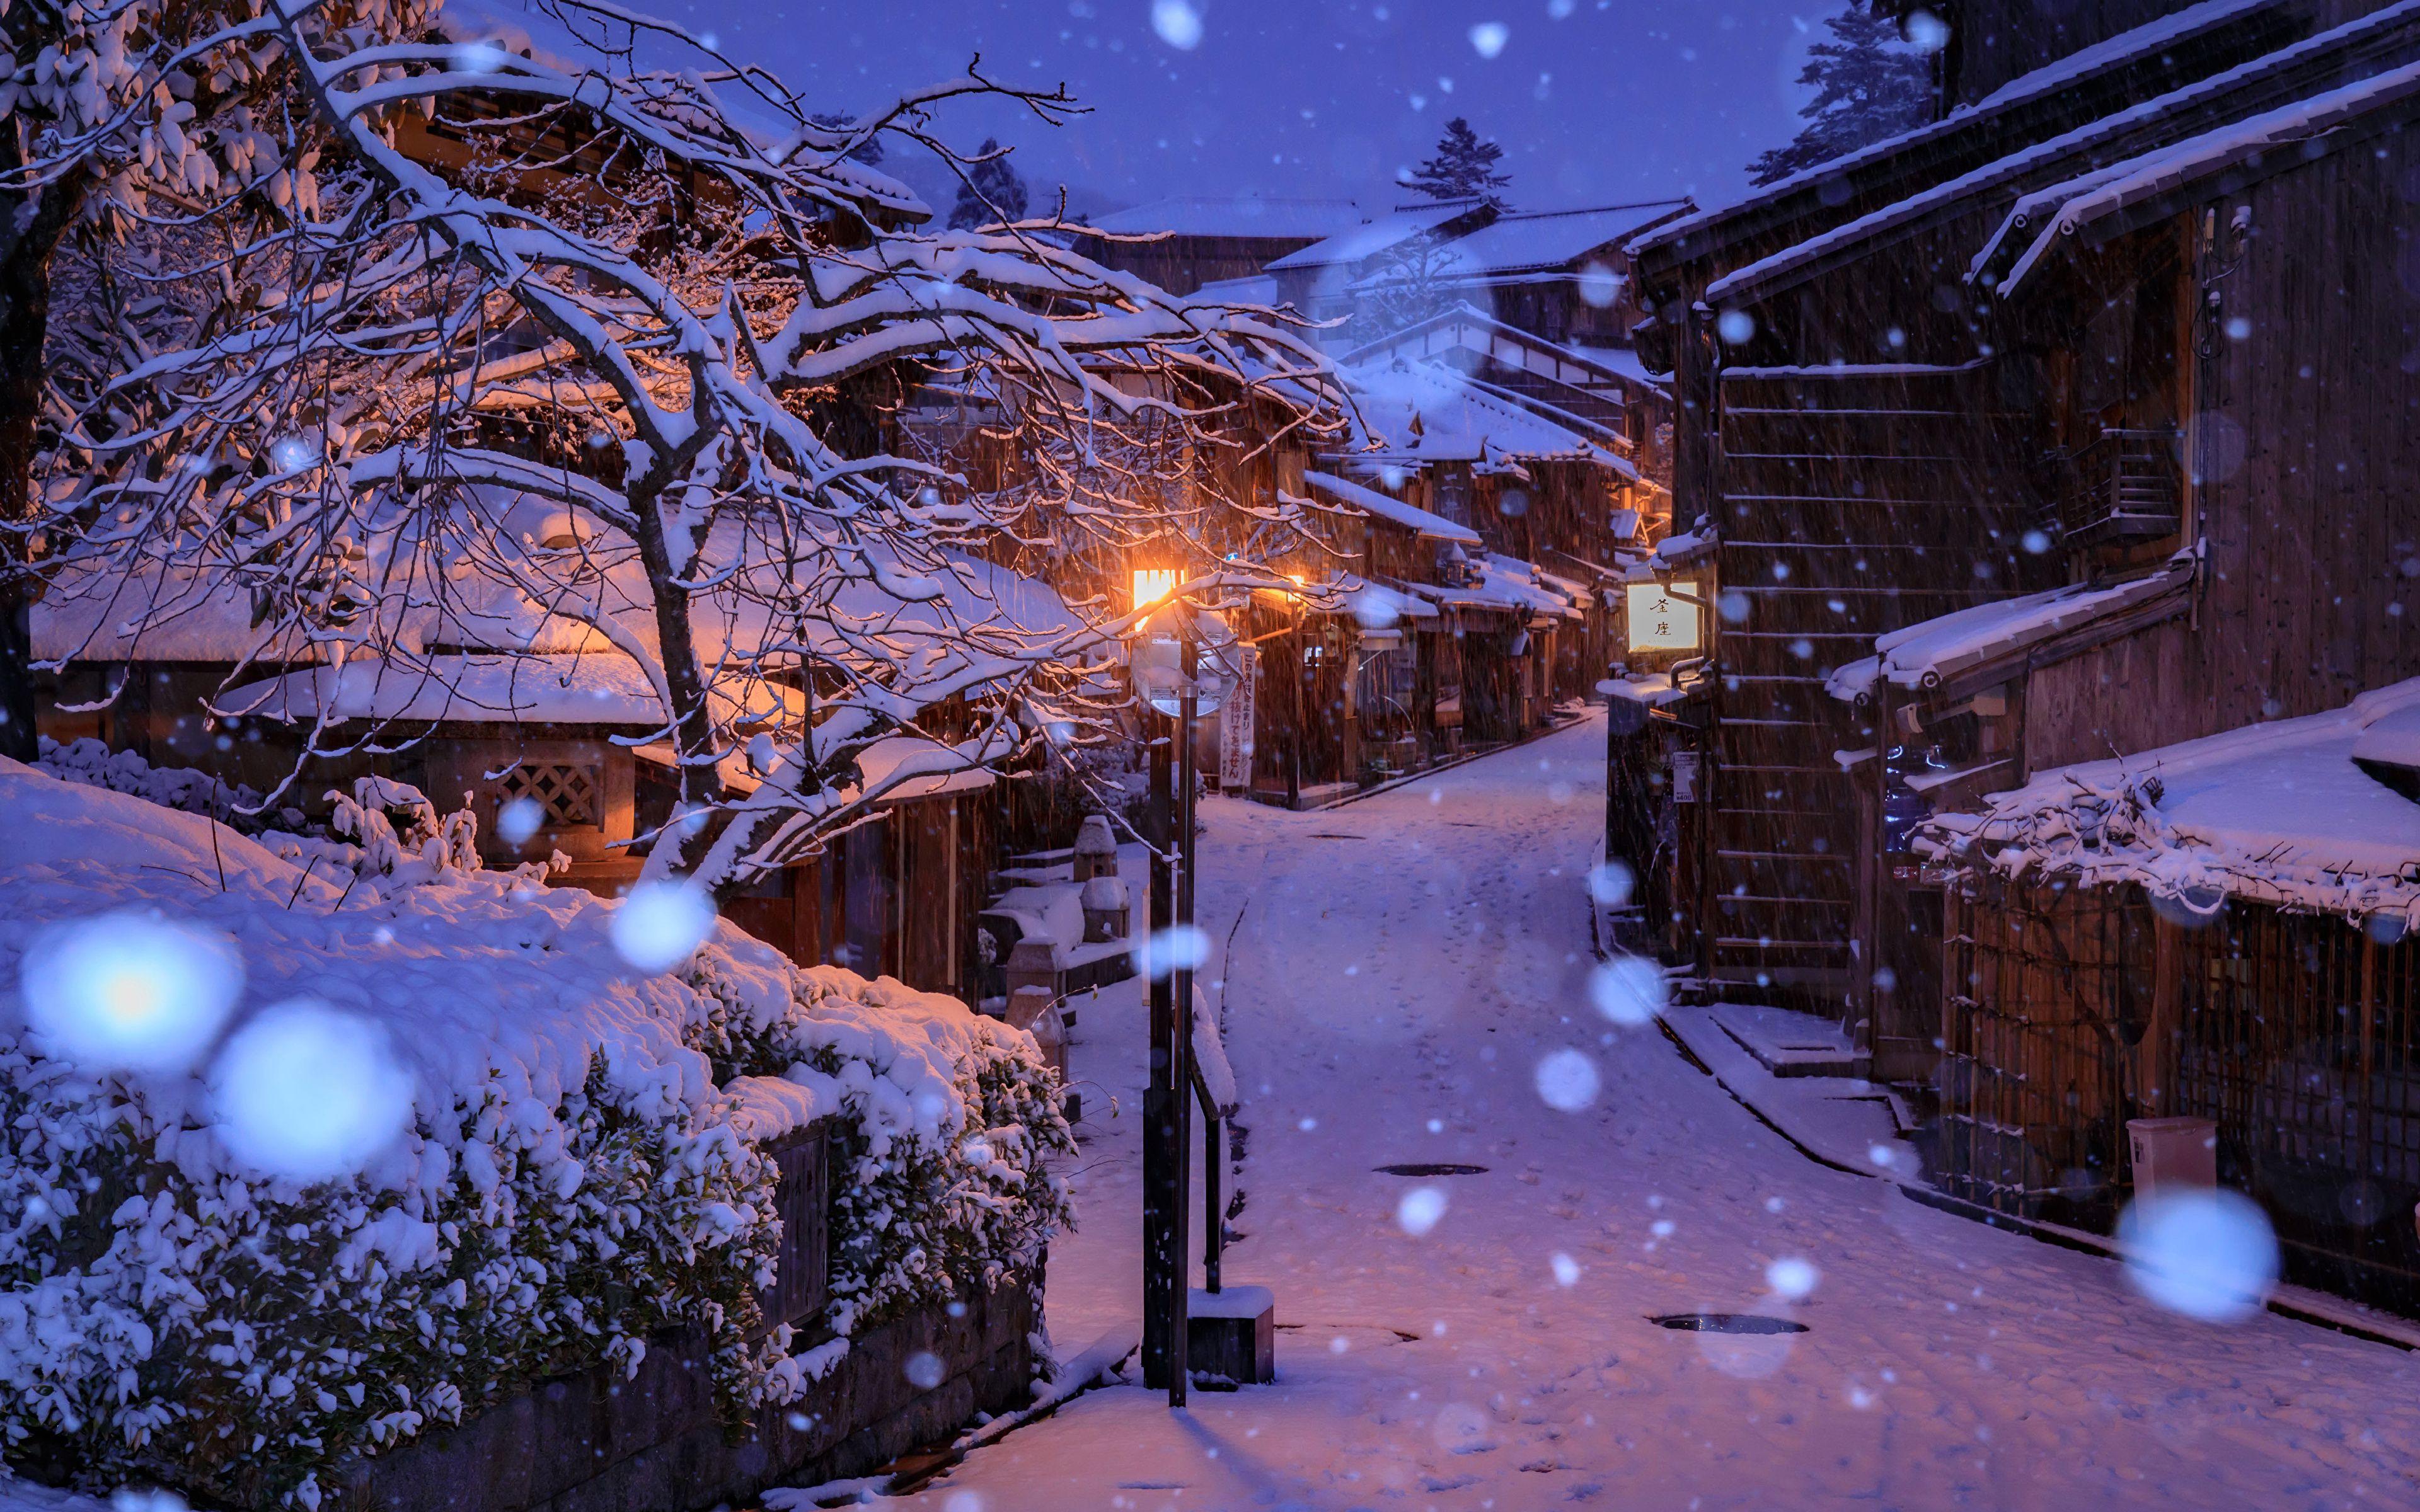 Japan Snow Night Wallpapers Top Free Japan Snow Night